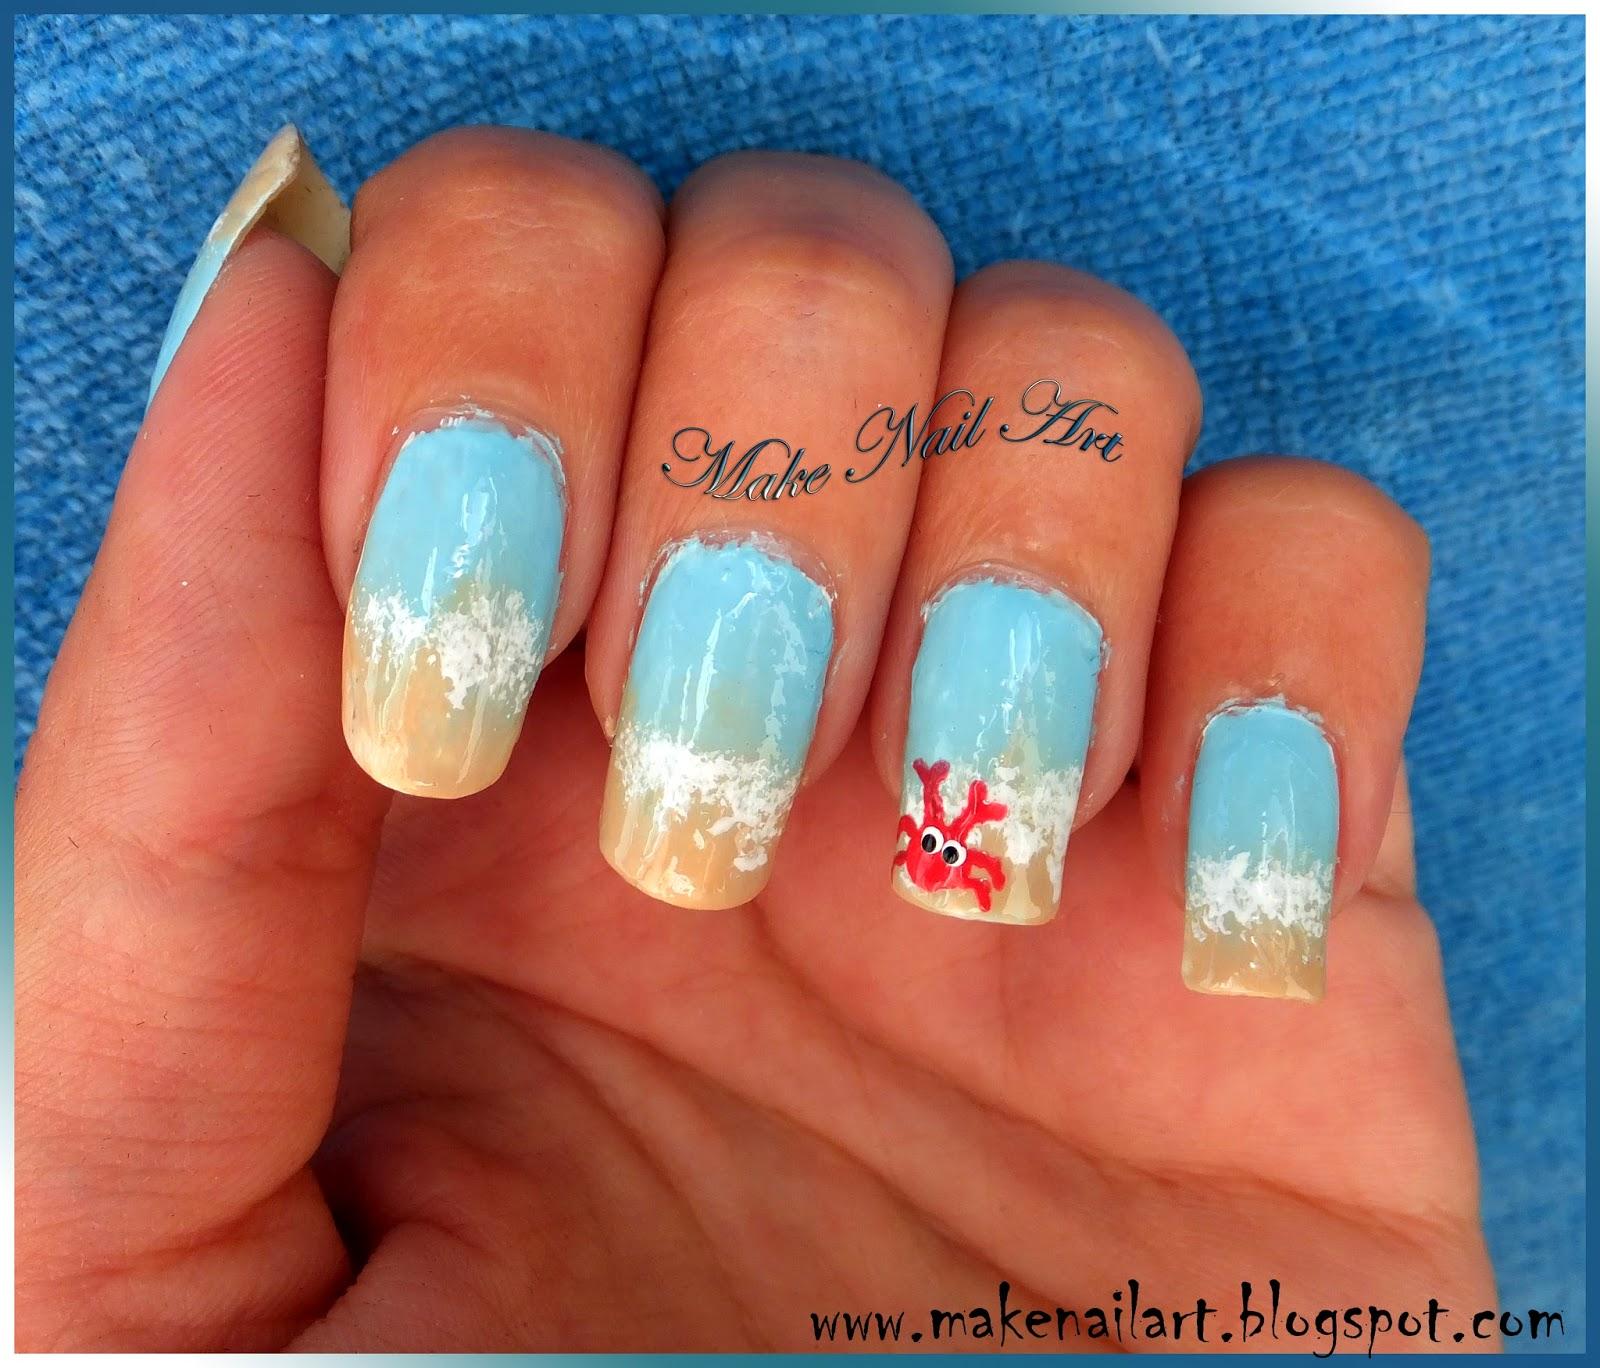 Make Nail Art Easy Beach Nails With A Crab Nail Art Tutorial